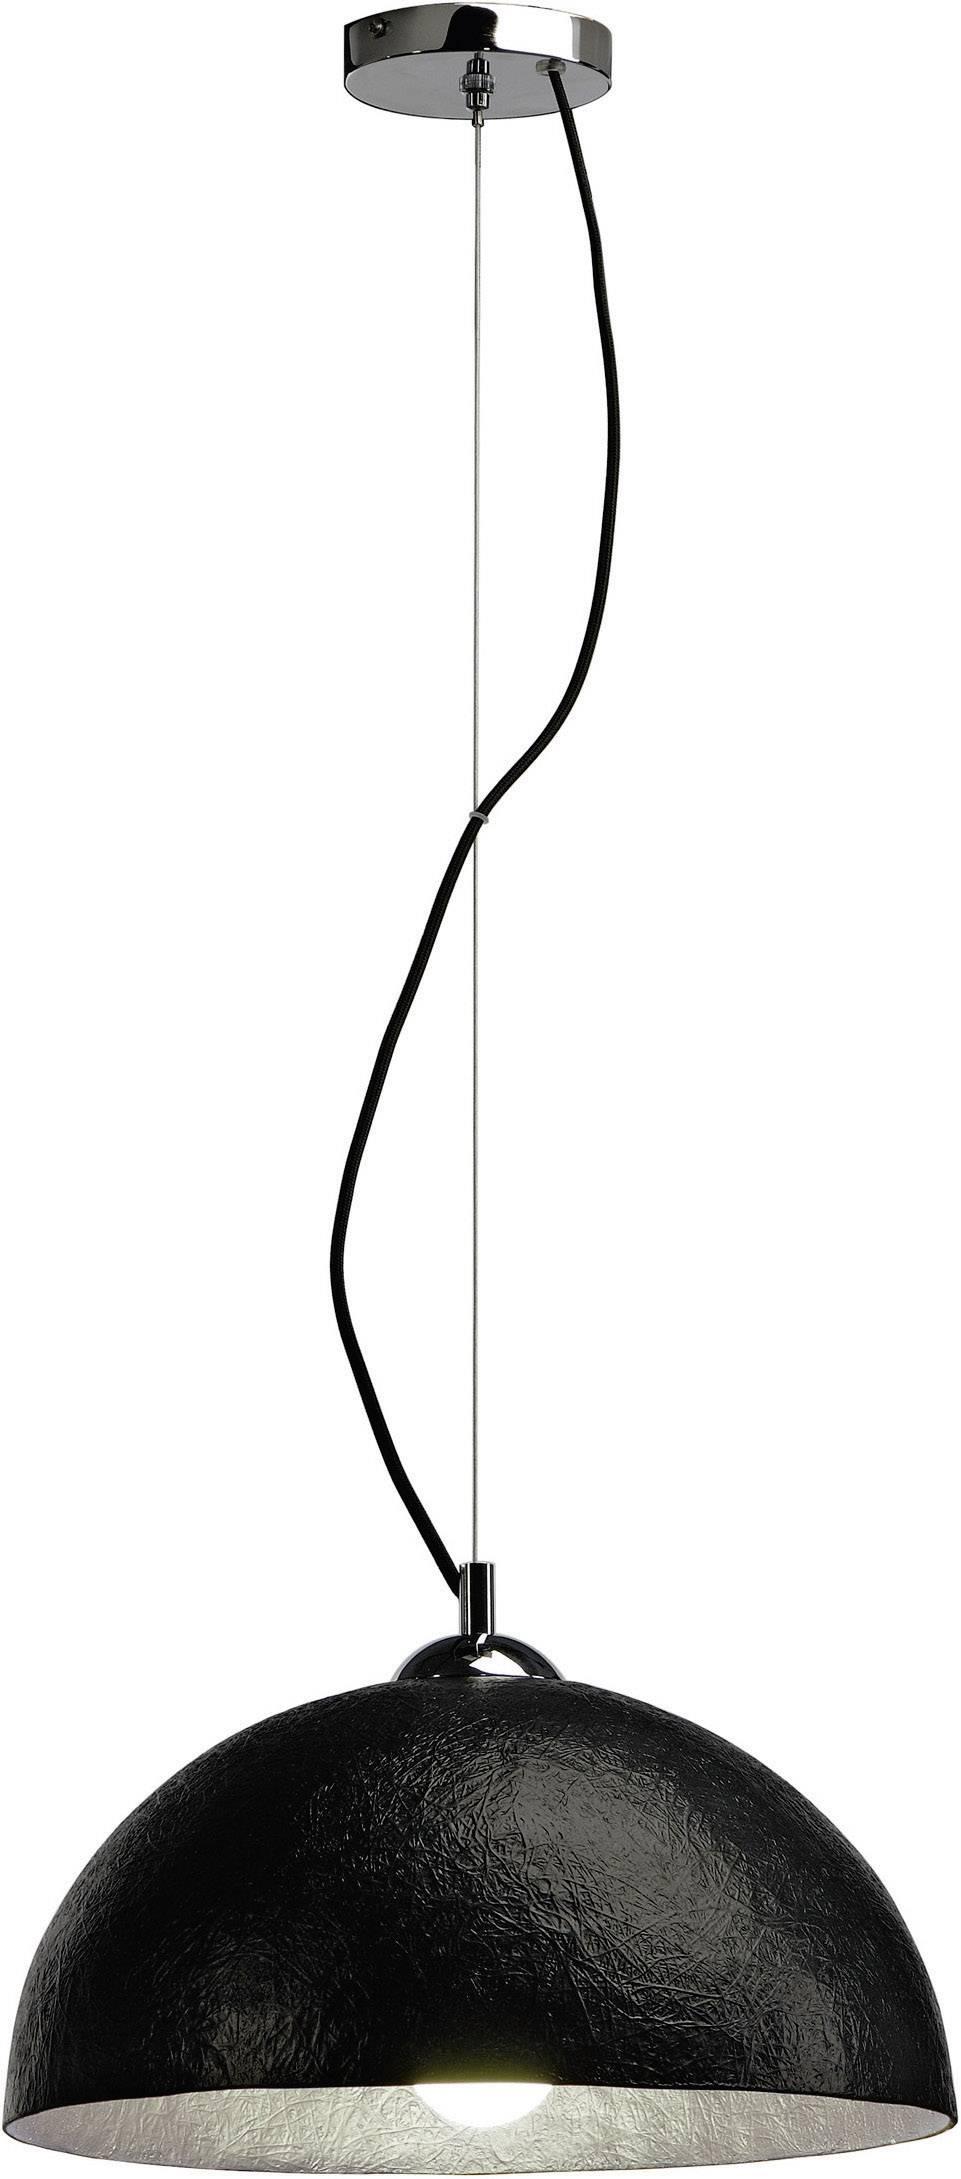 Závesné svietidlo LED SLV Forchini 155500, E27, 40 W, čierna, strieborná